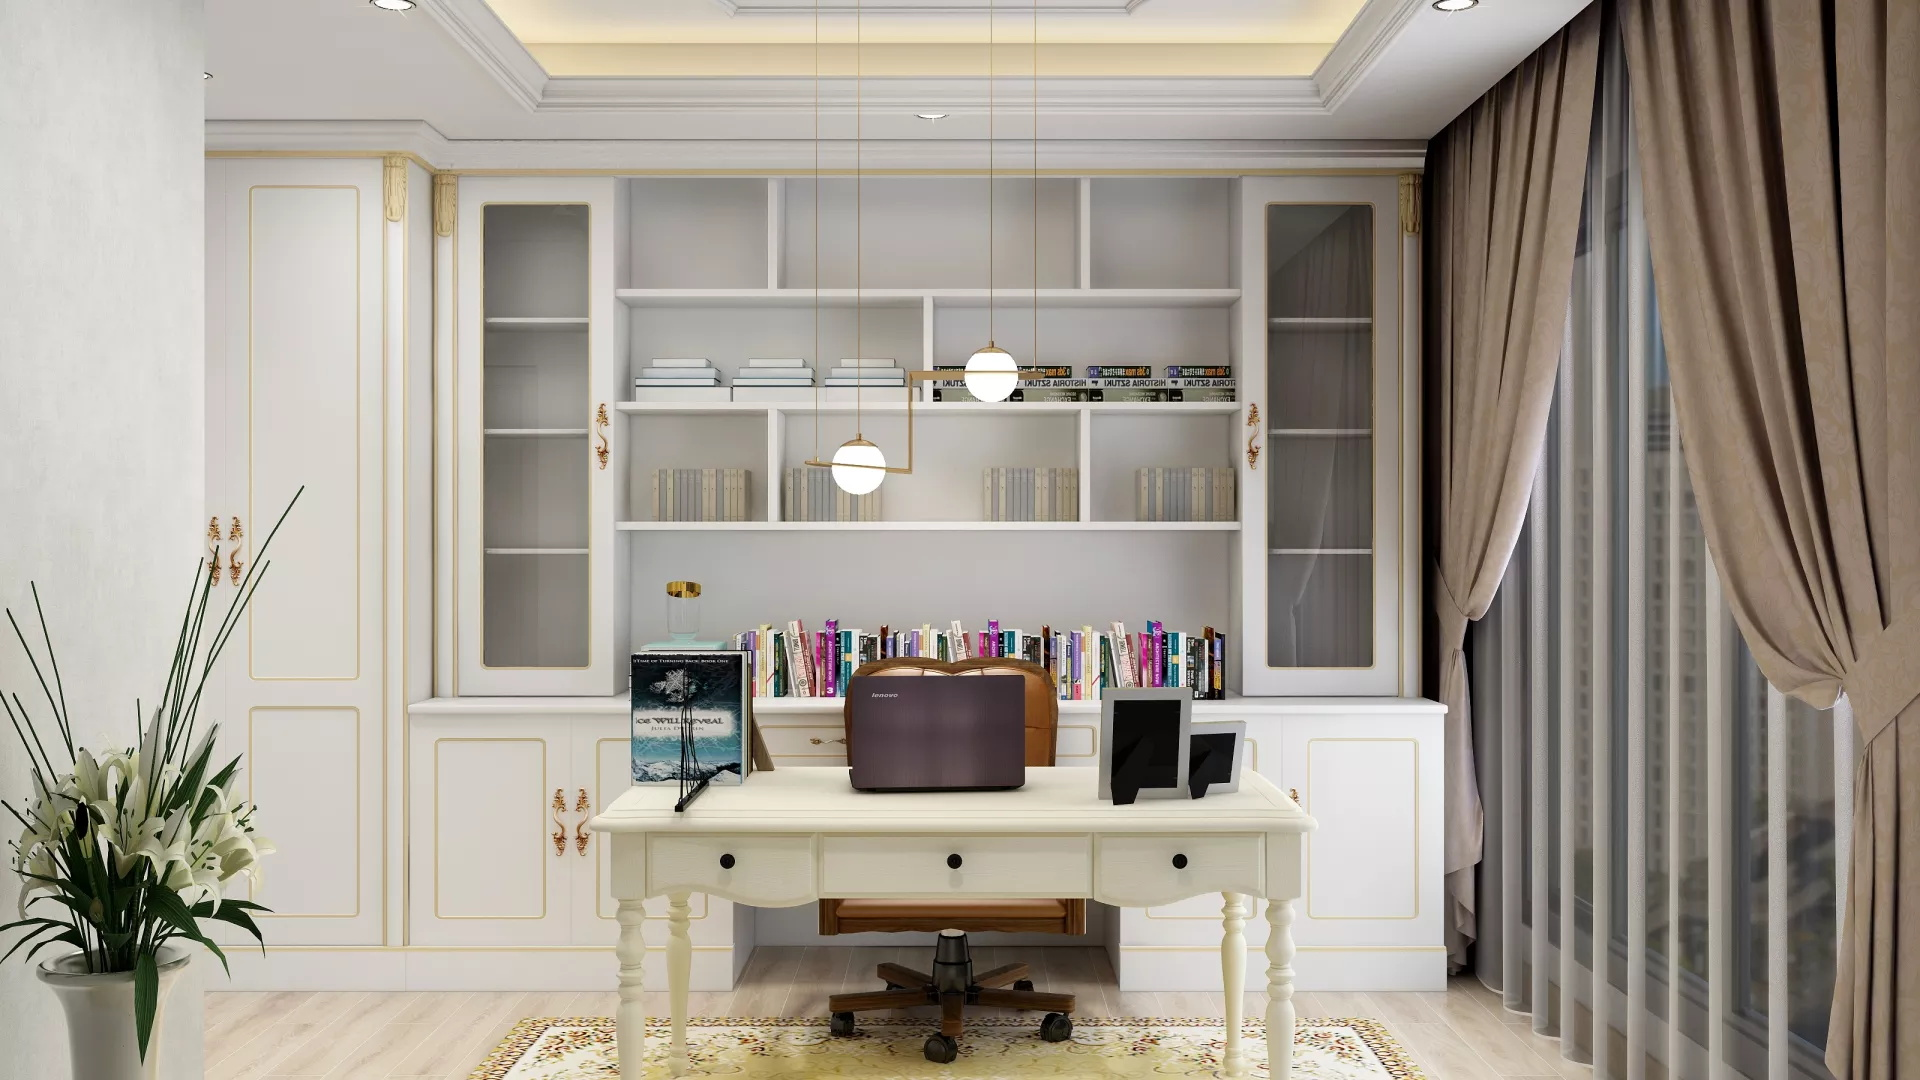 舒适温馨风格客厅装修效果图